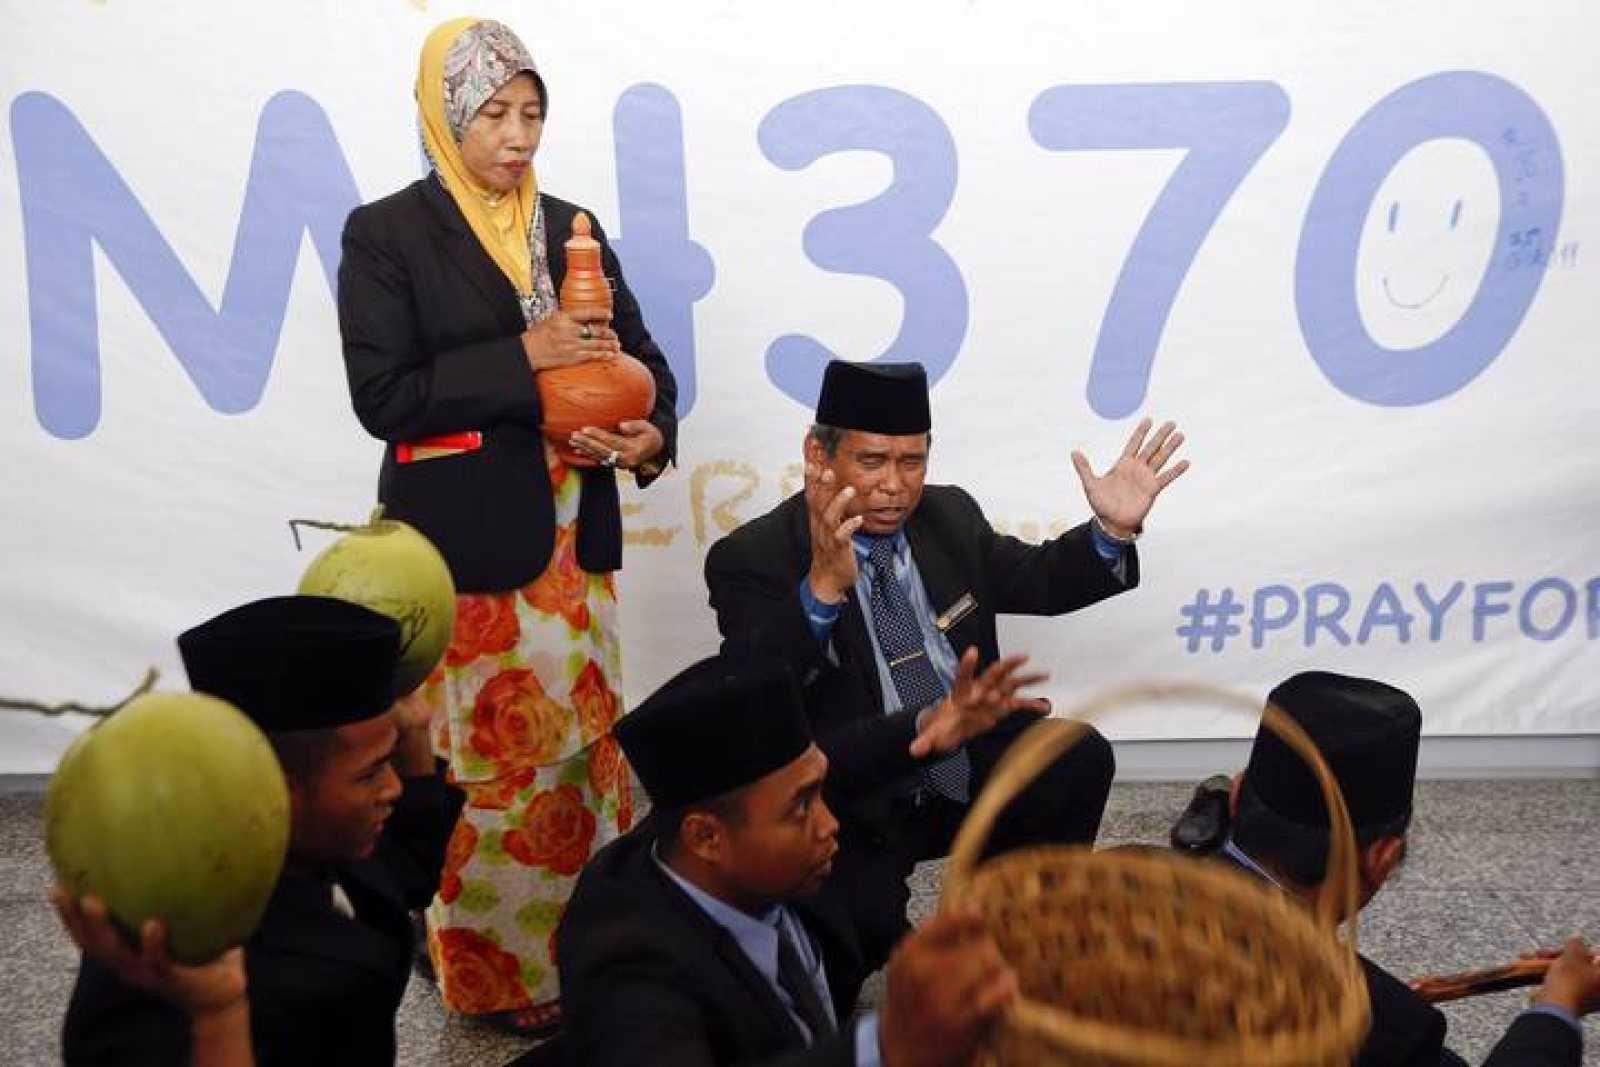 El chamán Ibrahim Mat Zin realiza un ritual en el aeropuerto de Kuala Lumpur para ayudar en la búsqueda del avión de Malasia desaparecido.